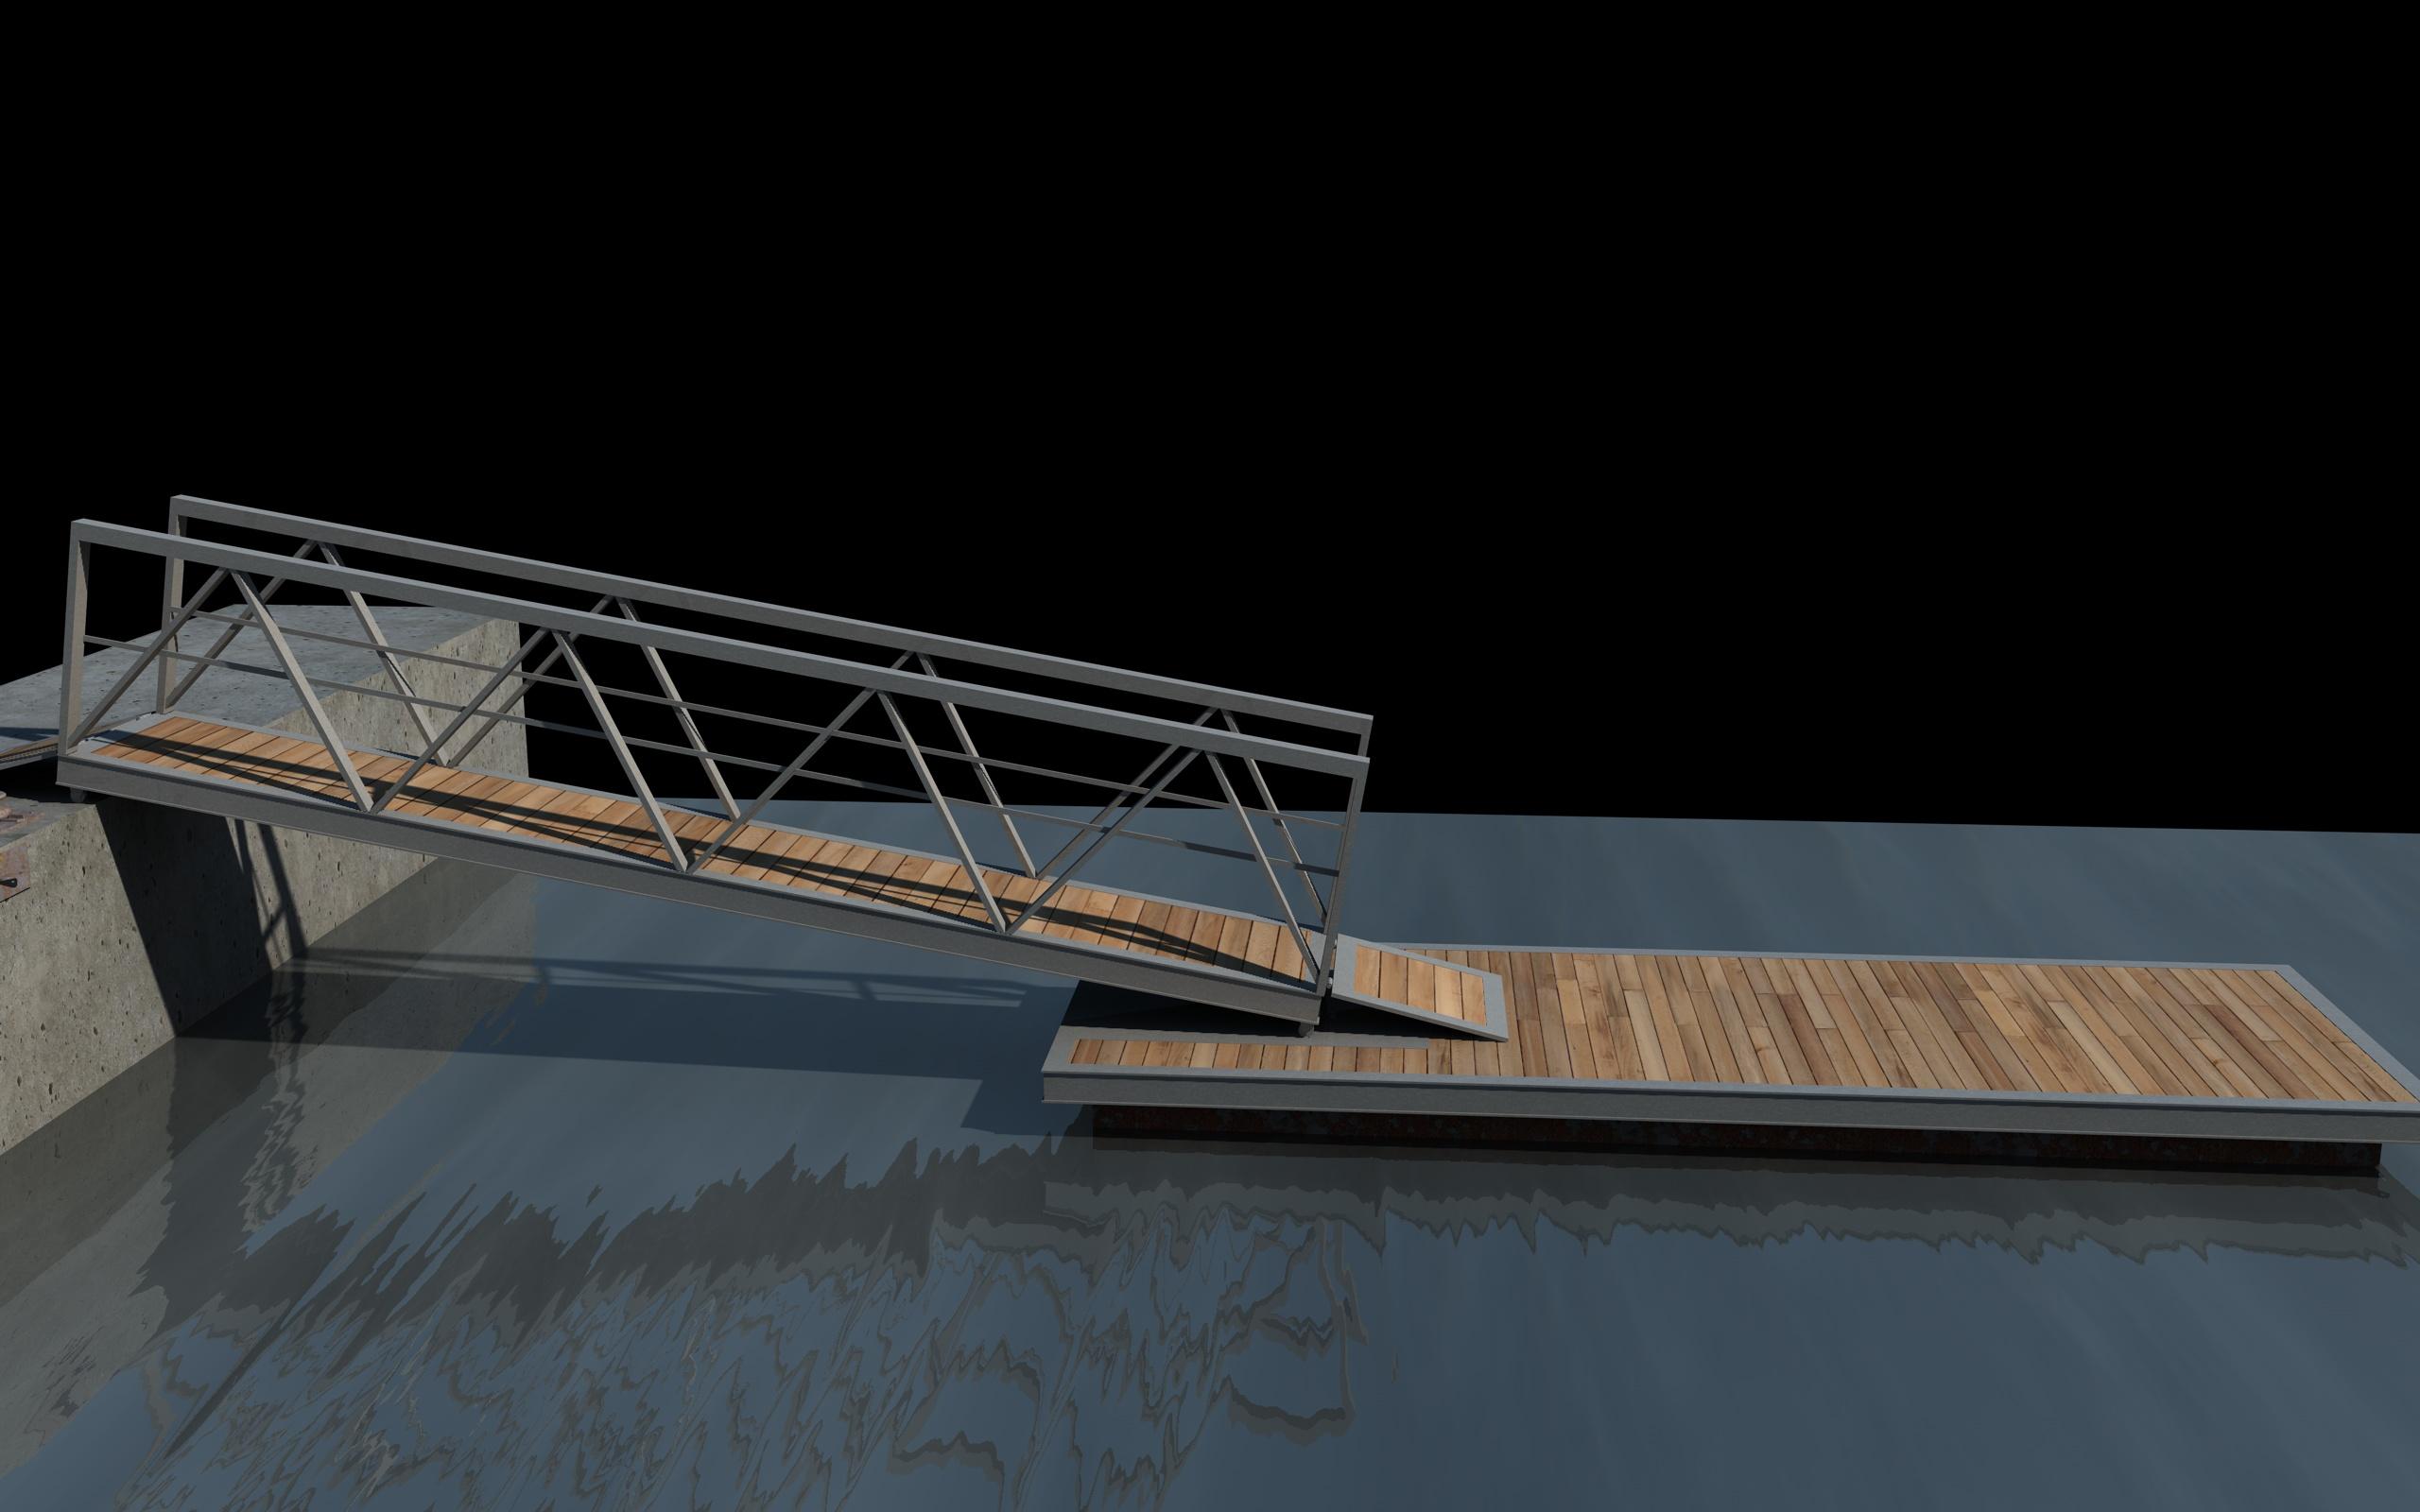 boat pier dock 3d model 3ds dxf fbx c4d skp obj 148407